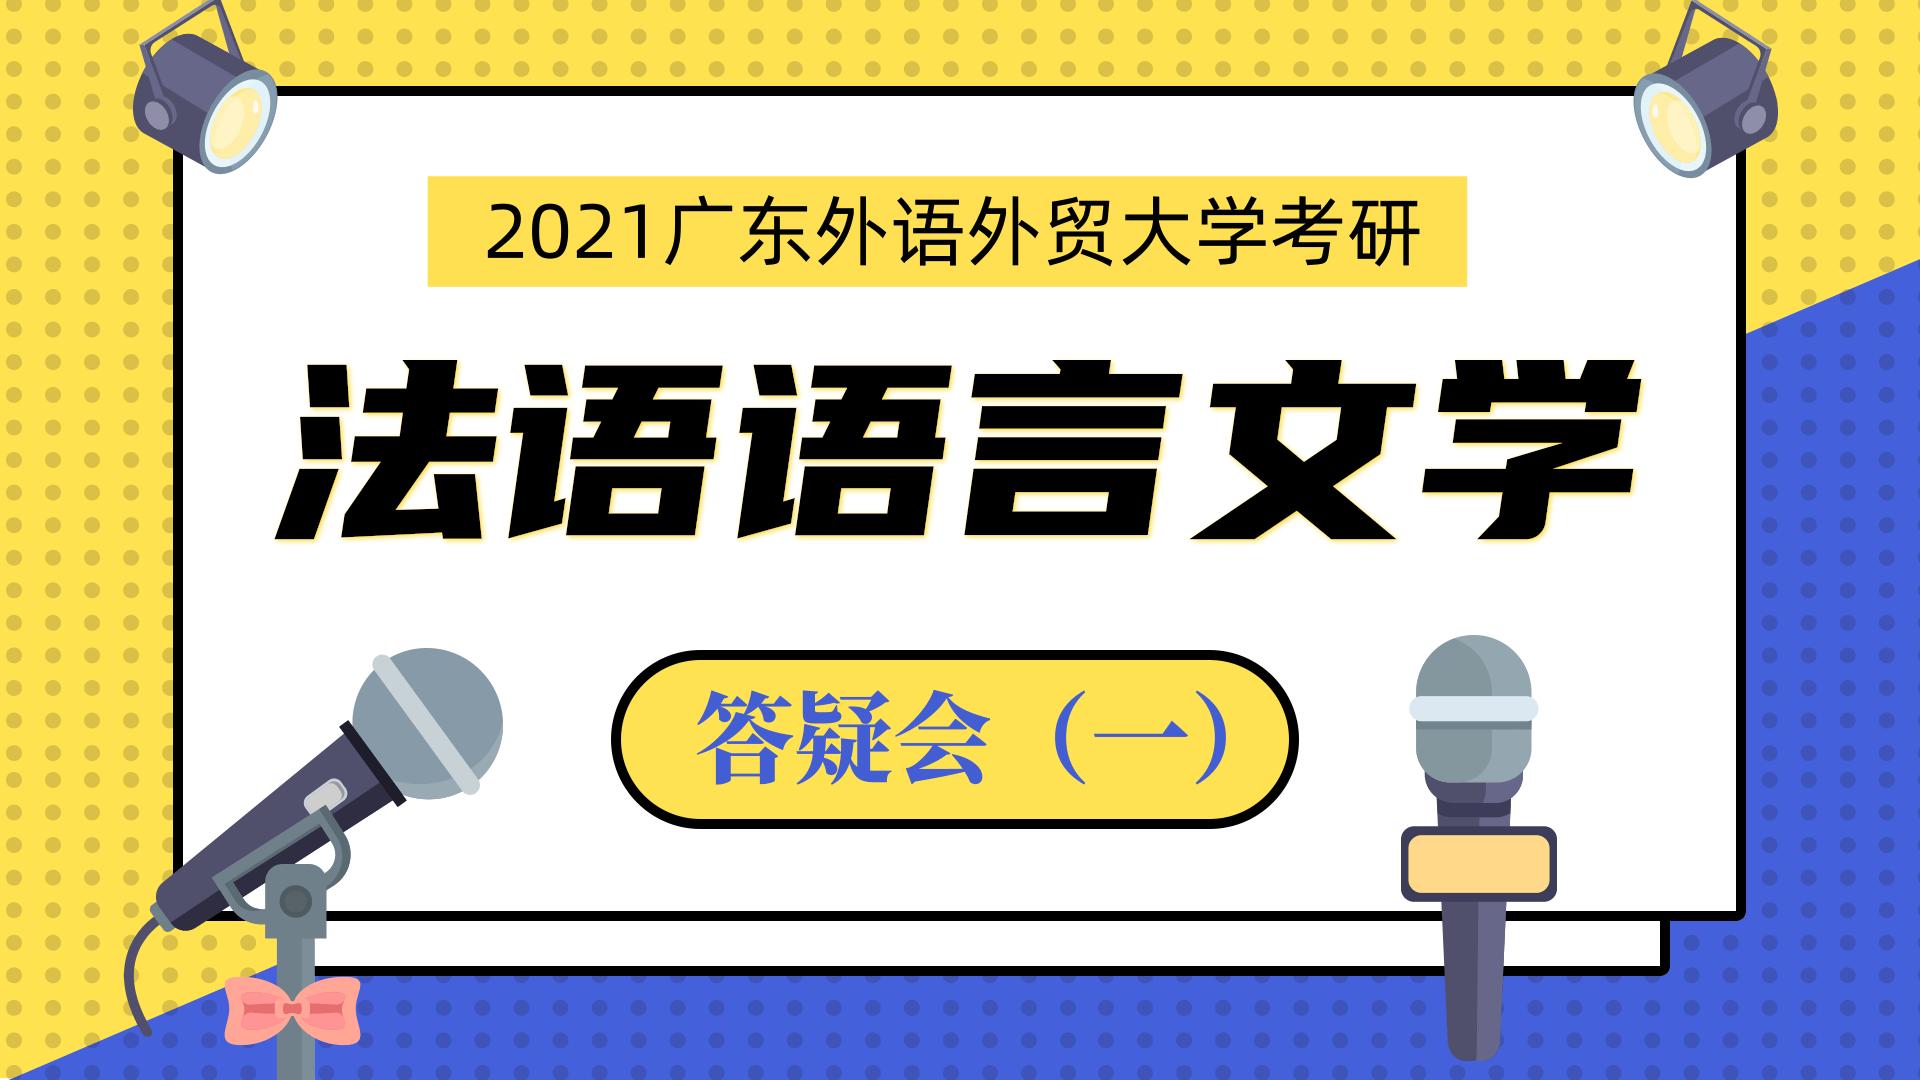 2021广东外语外贸大学法语语言文学考研主题答疑会(一)